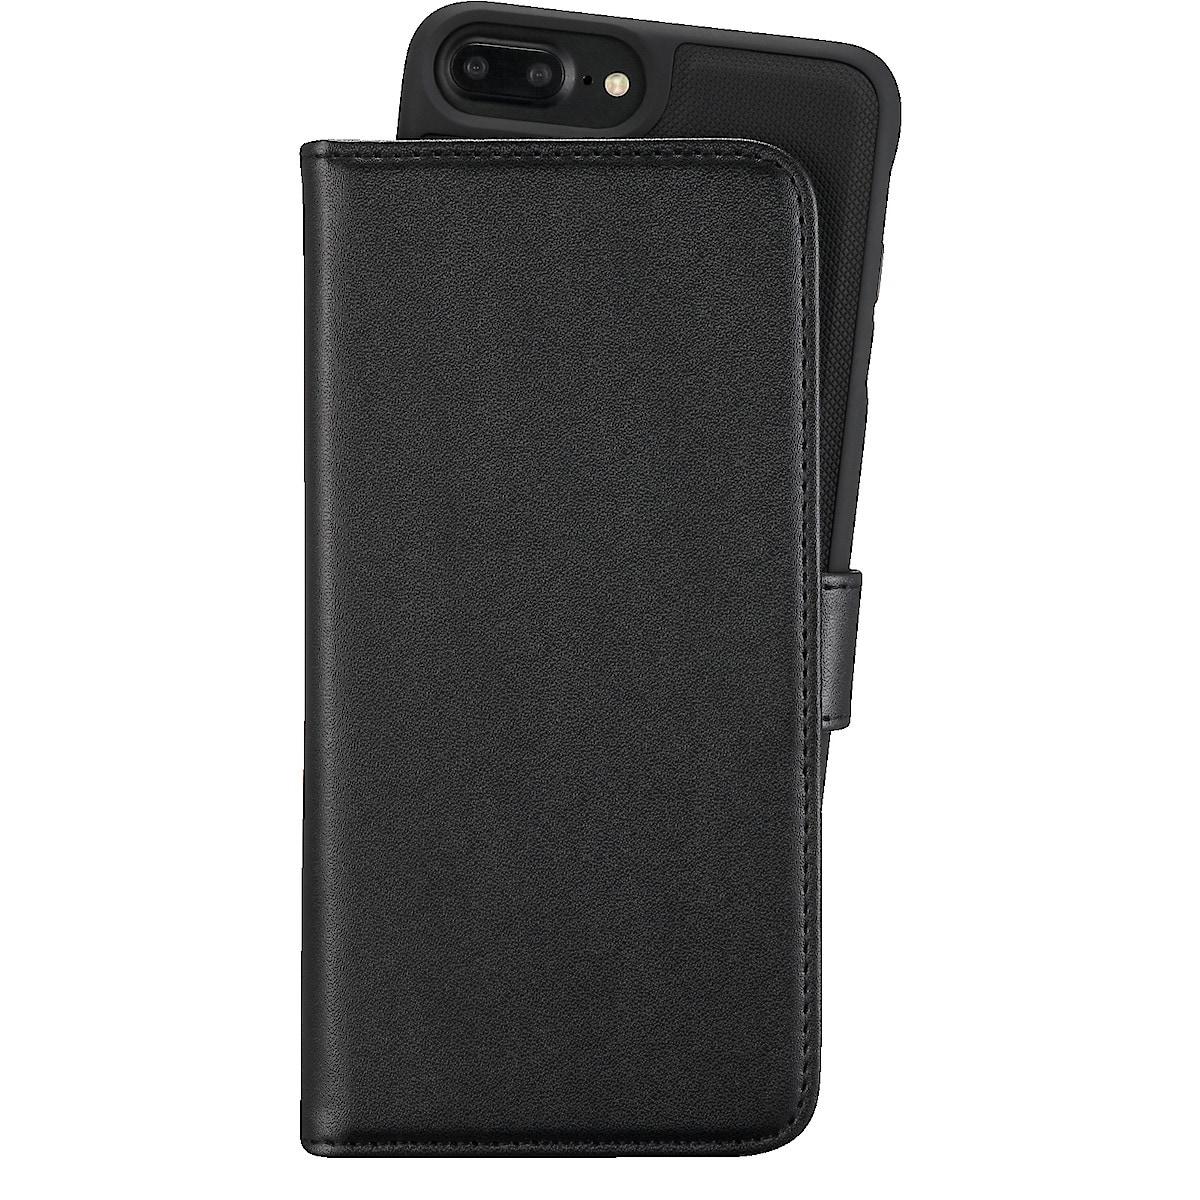 Plånboksfodral för iPhone 8 Plus Holdit